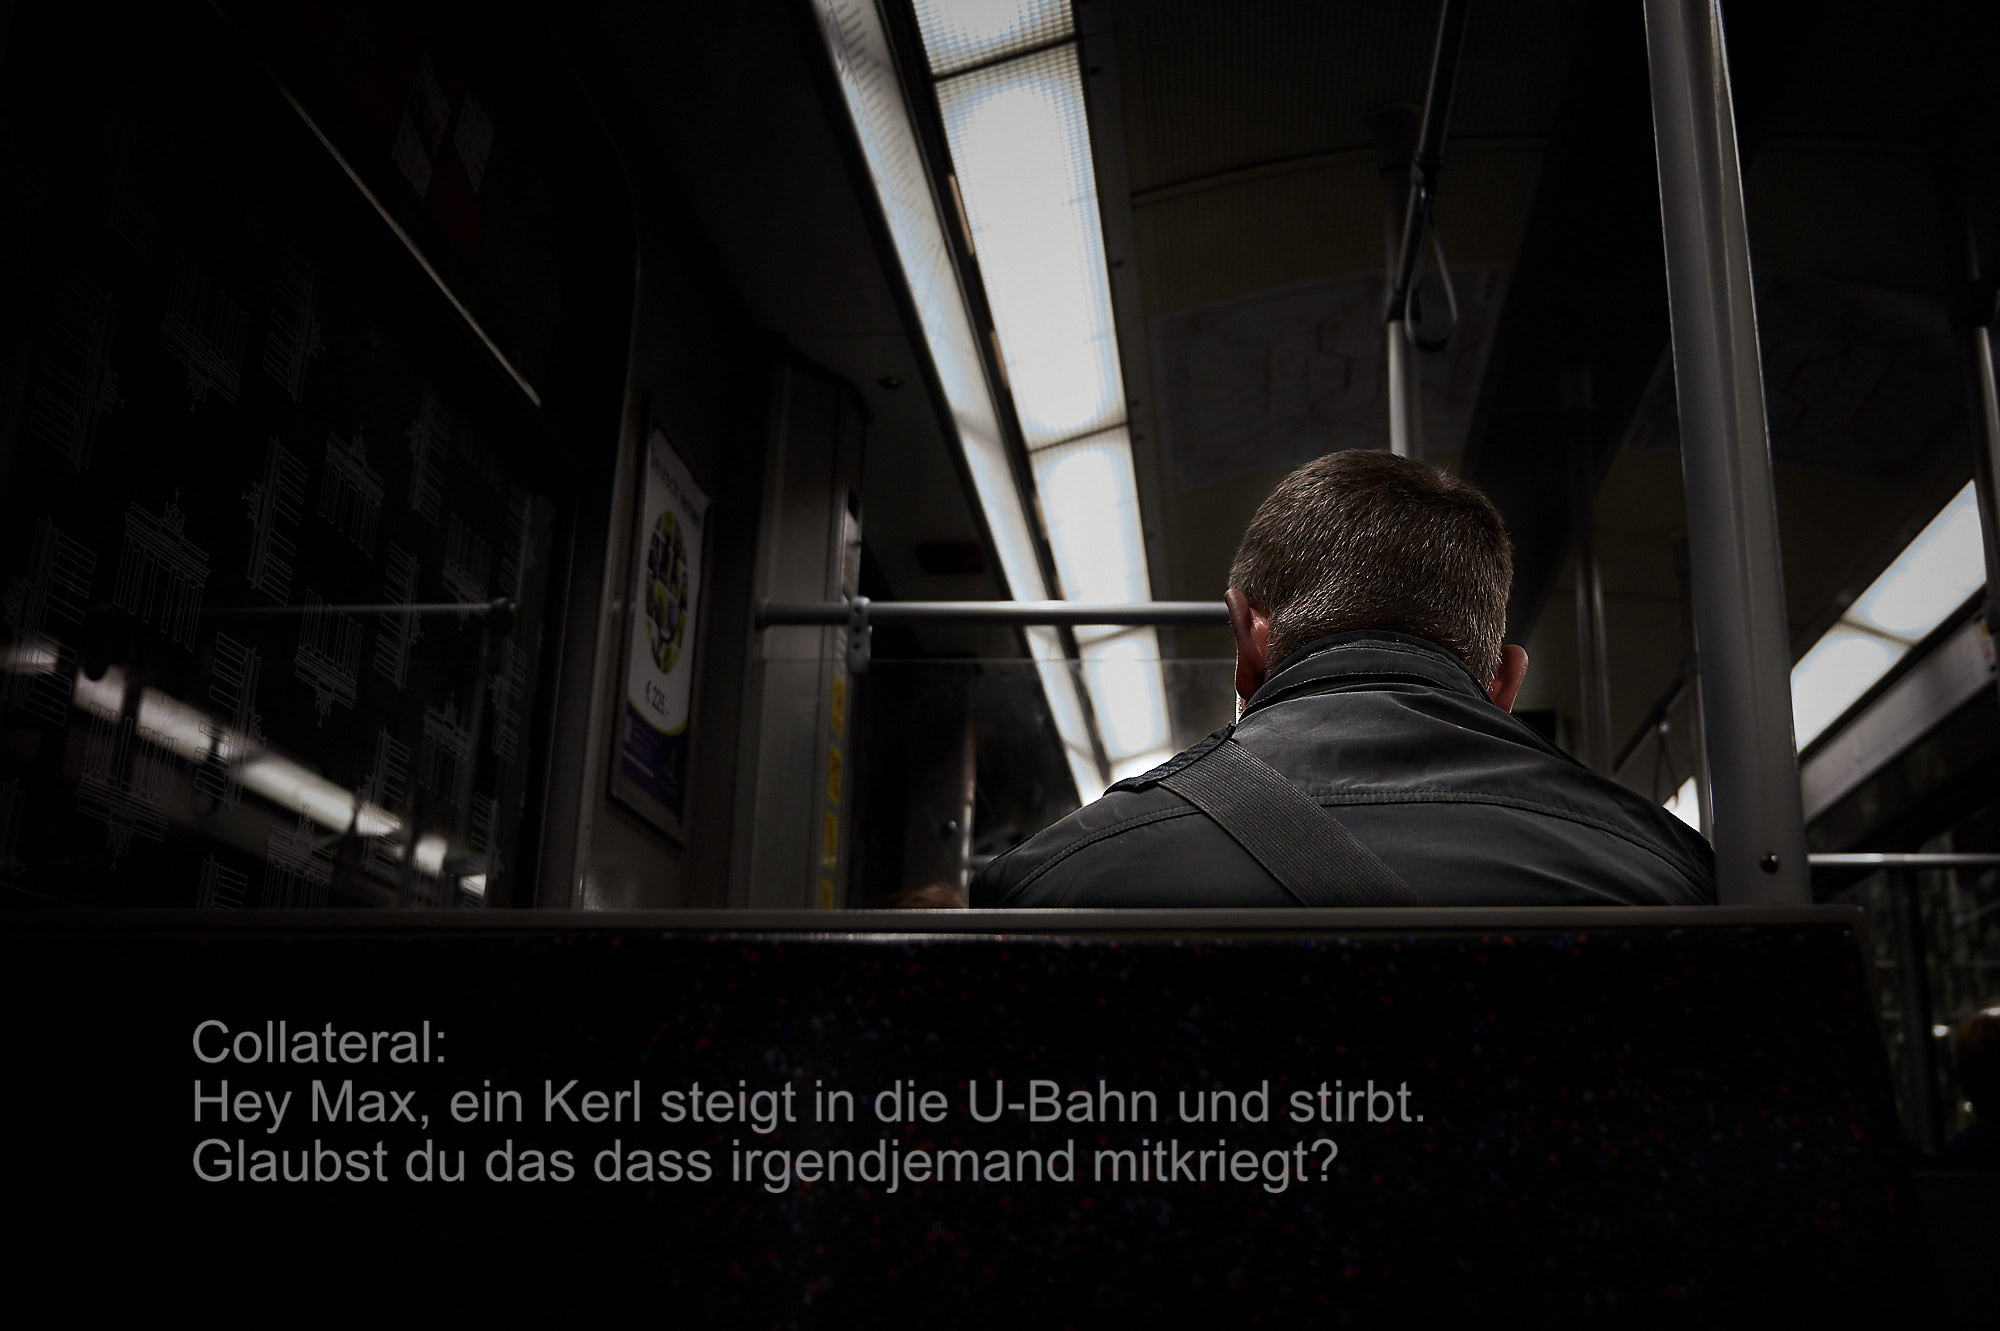 Photoauge / Hey Max, ein Kerl steigt in die U-Bahn und stirbt. Glaubst du das dass irgendjemand mitkriegt? - Collateral